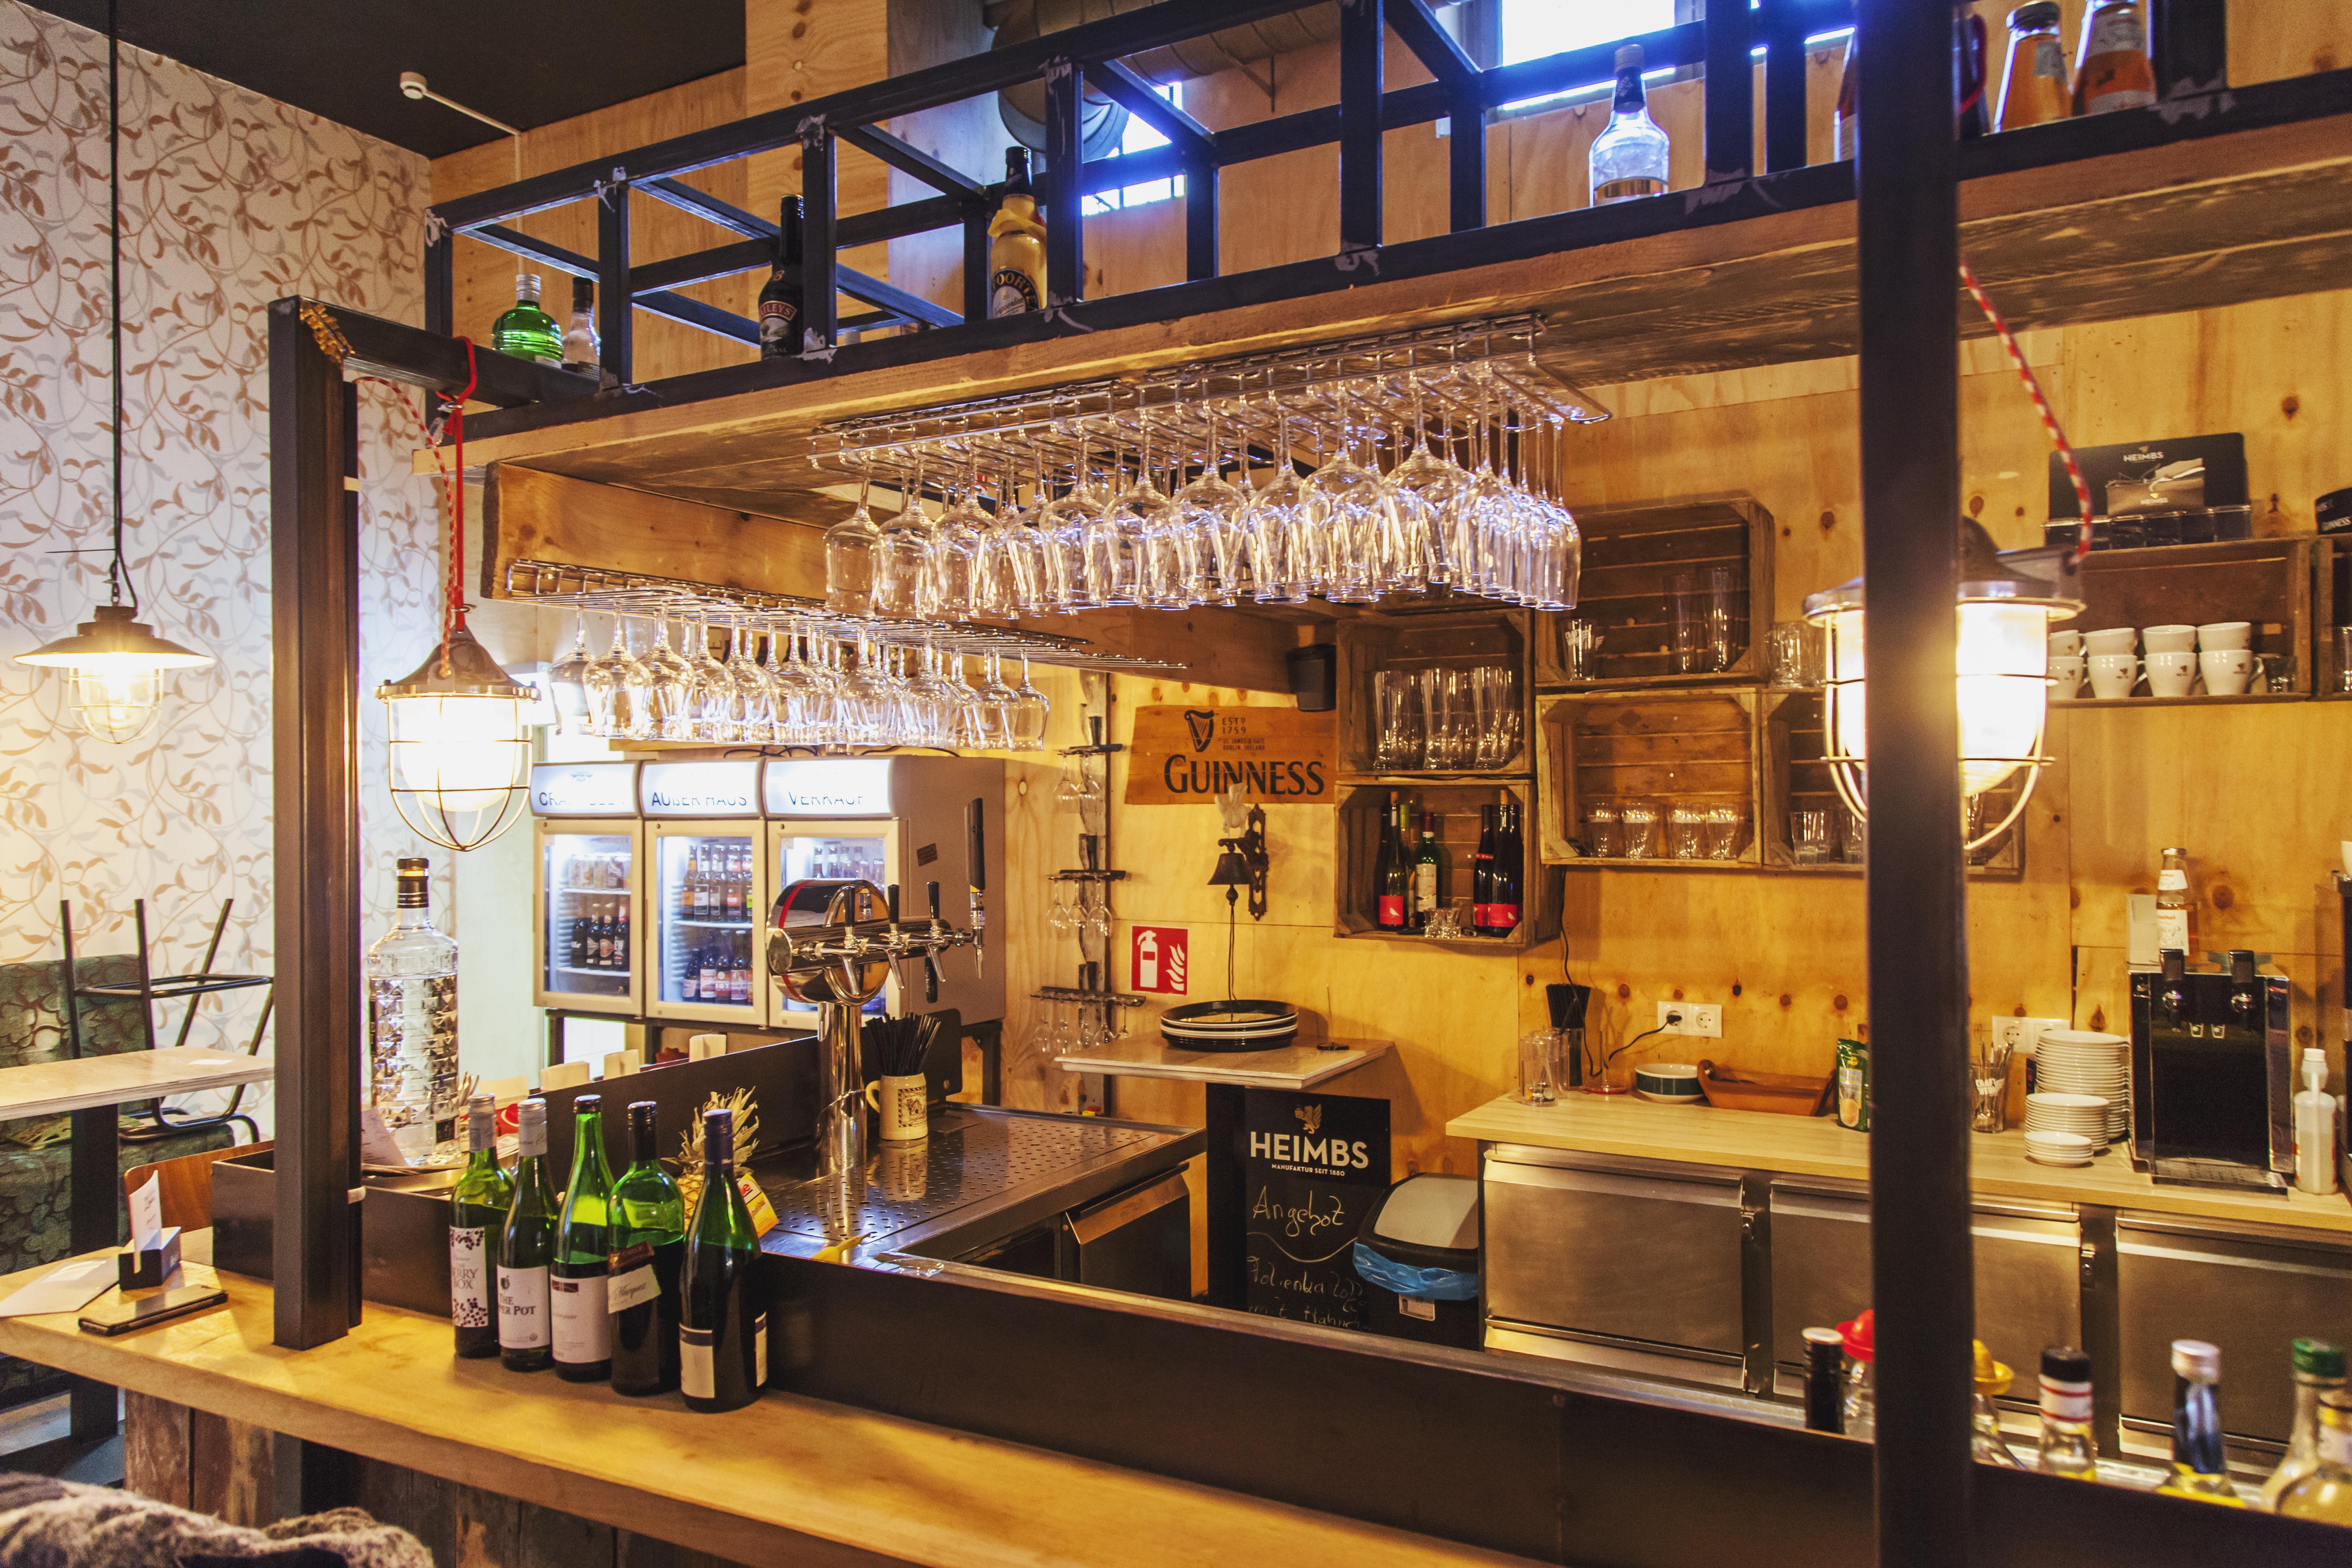 loge4-theaterklause-luebeck-craftbeer-kitchen-6